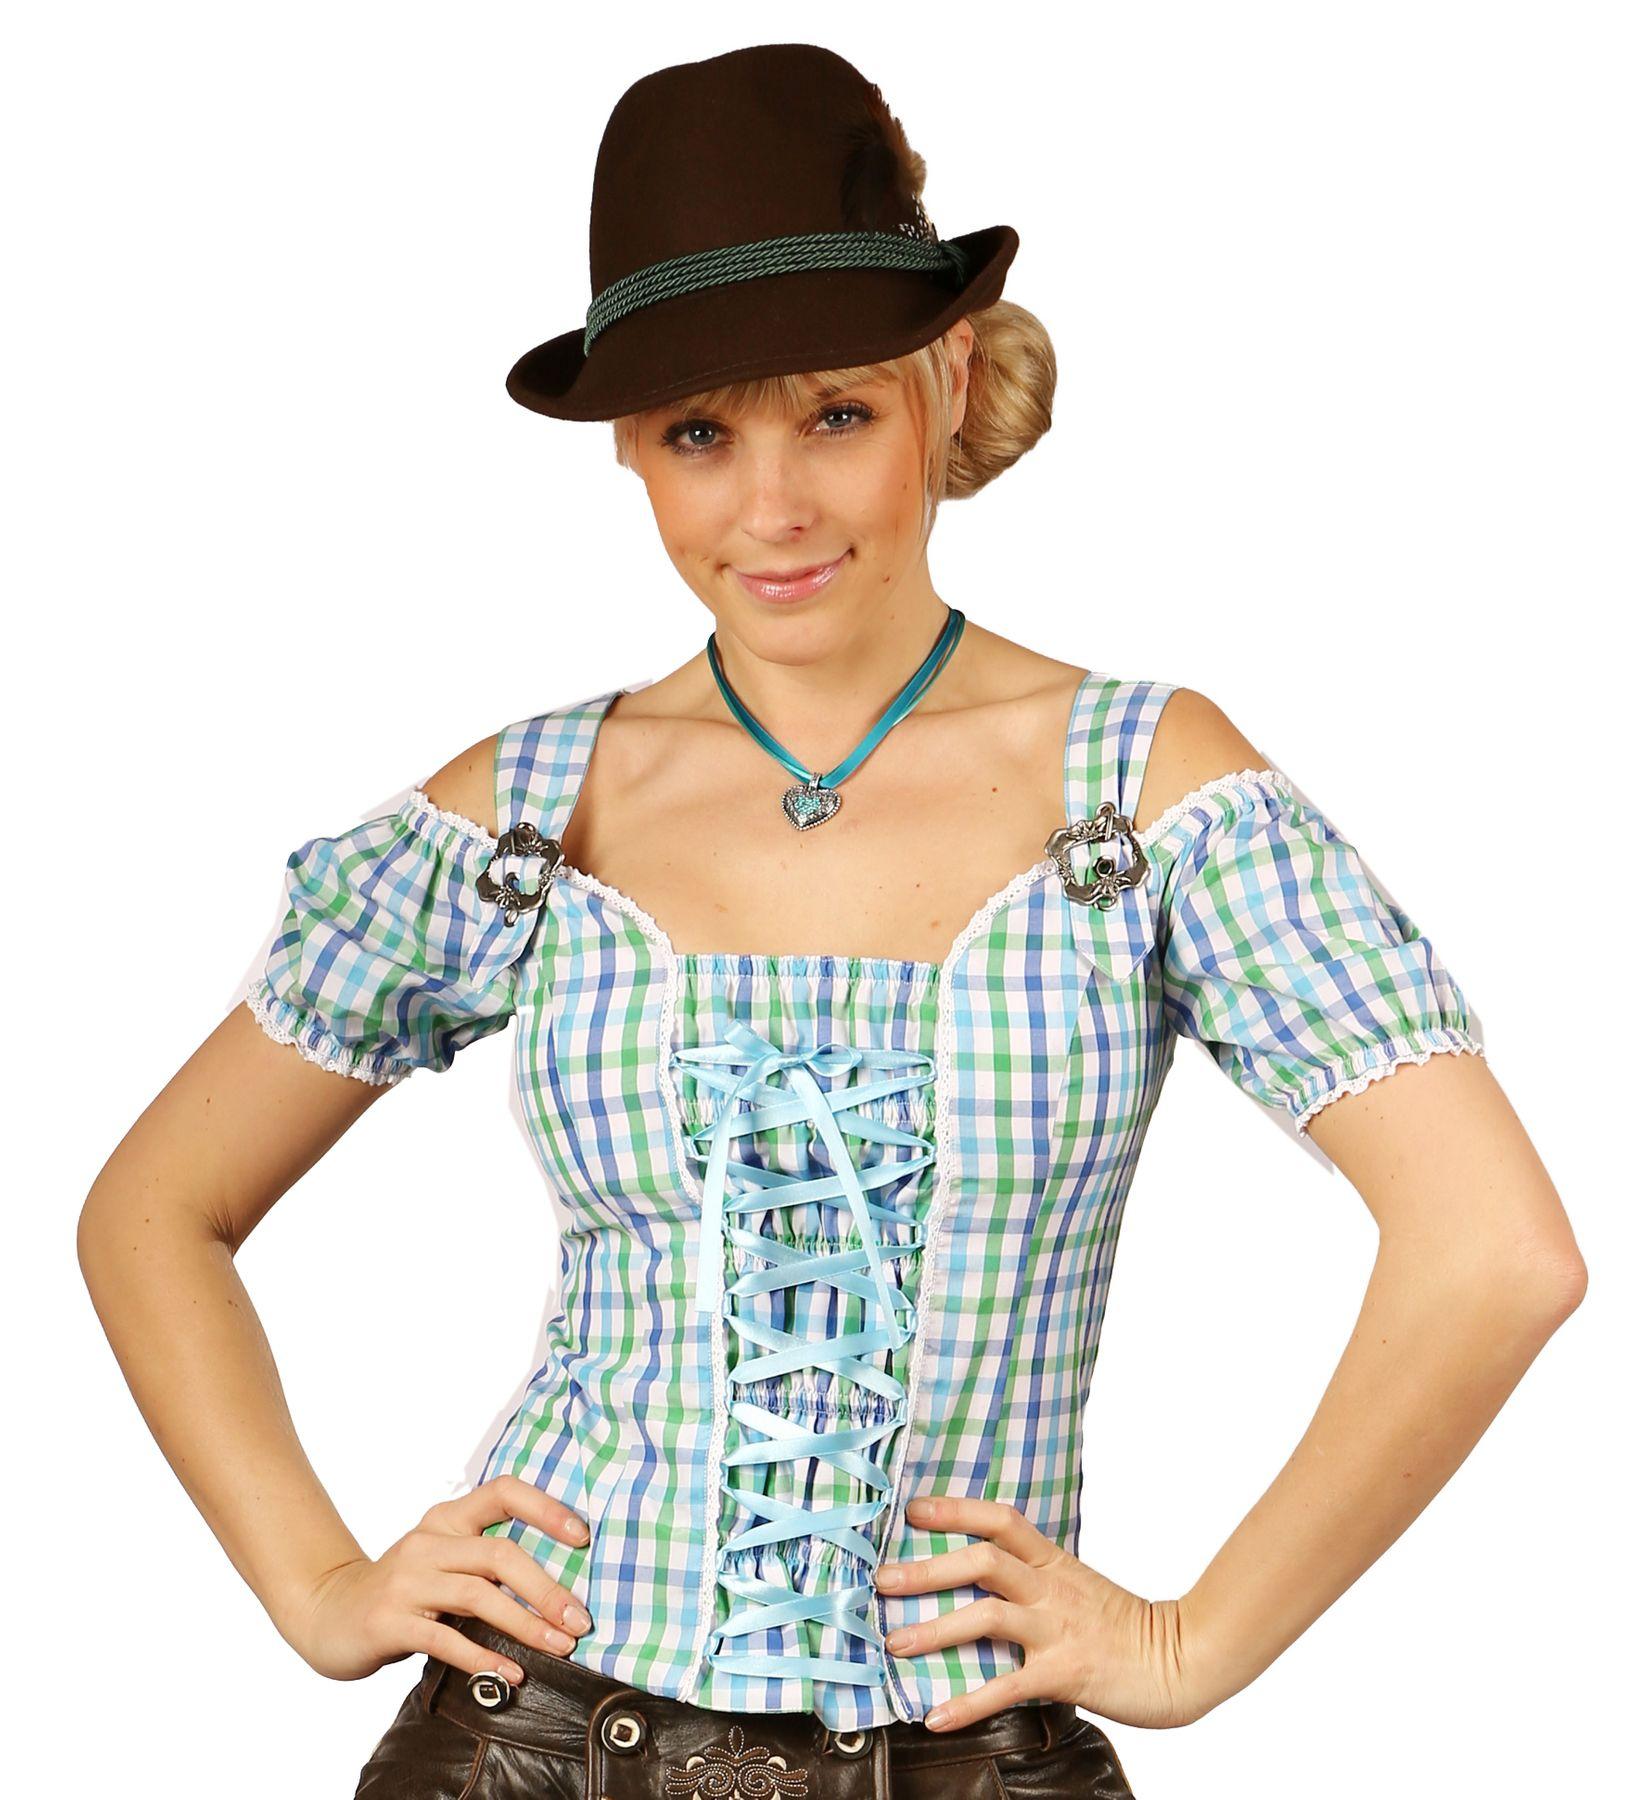 Fuchs Trachten - Damen Trachten Bluse in versch. Farben, (Artikelnummer: 4543) – Bild 1